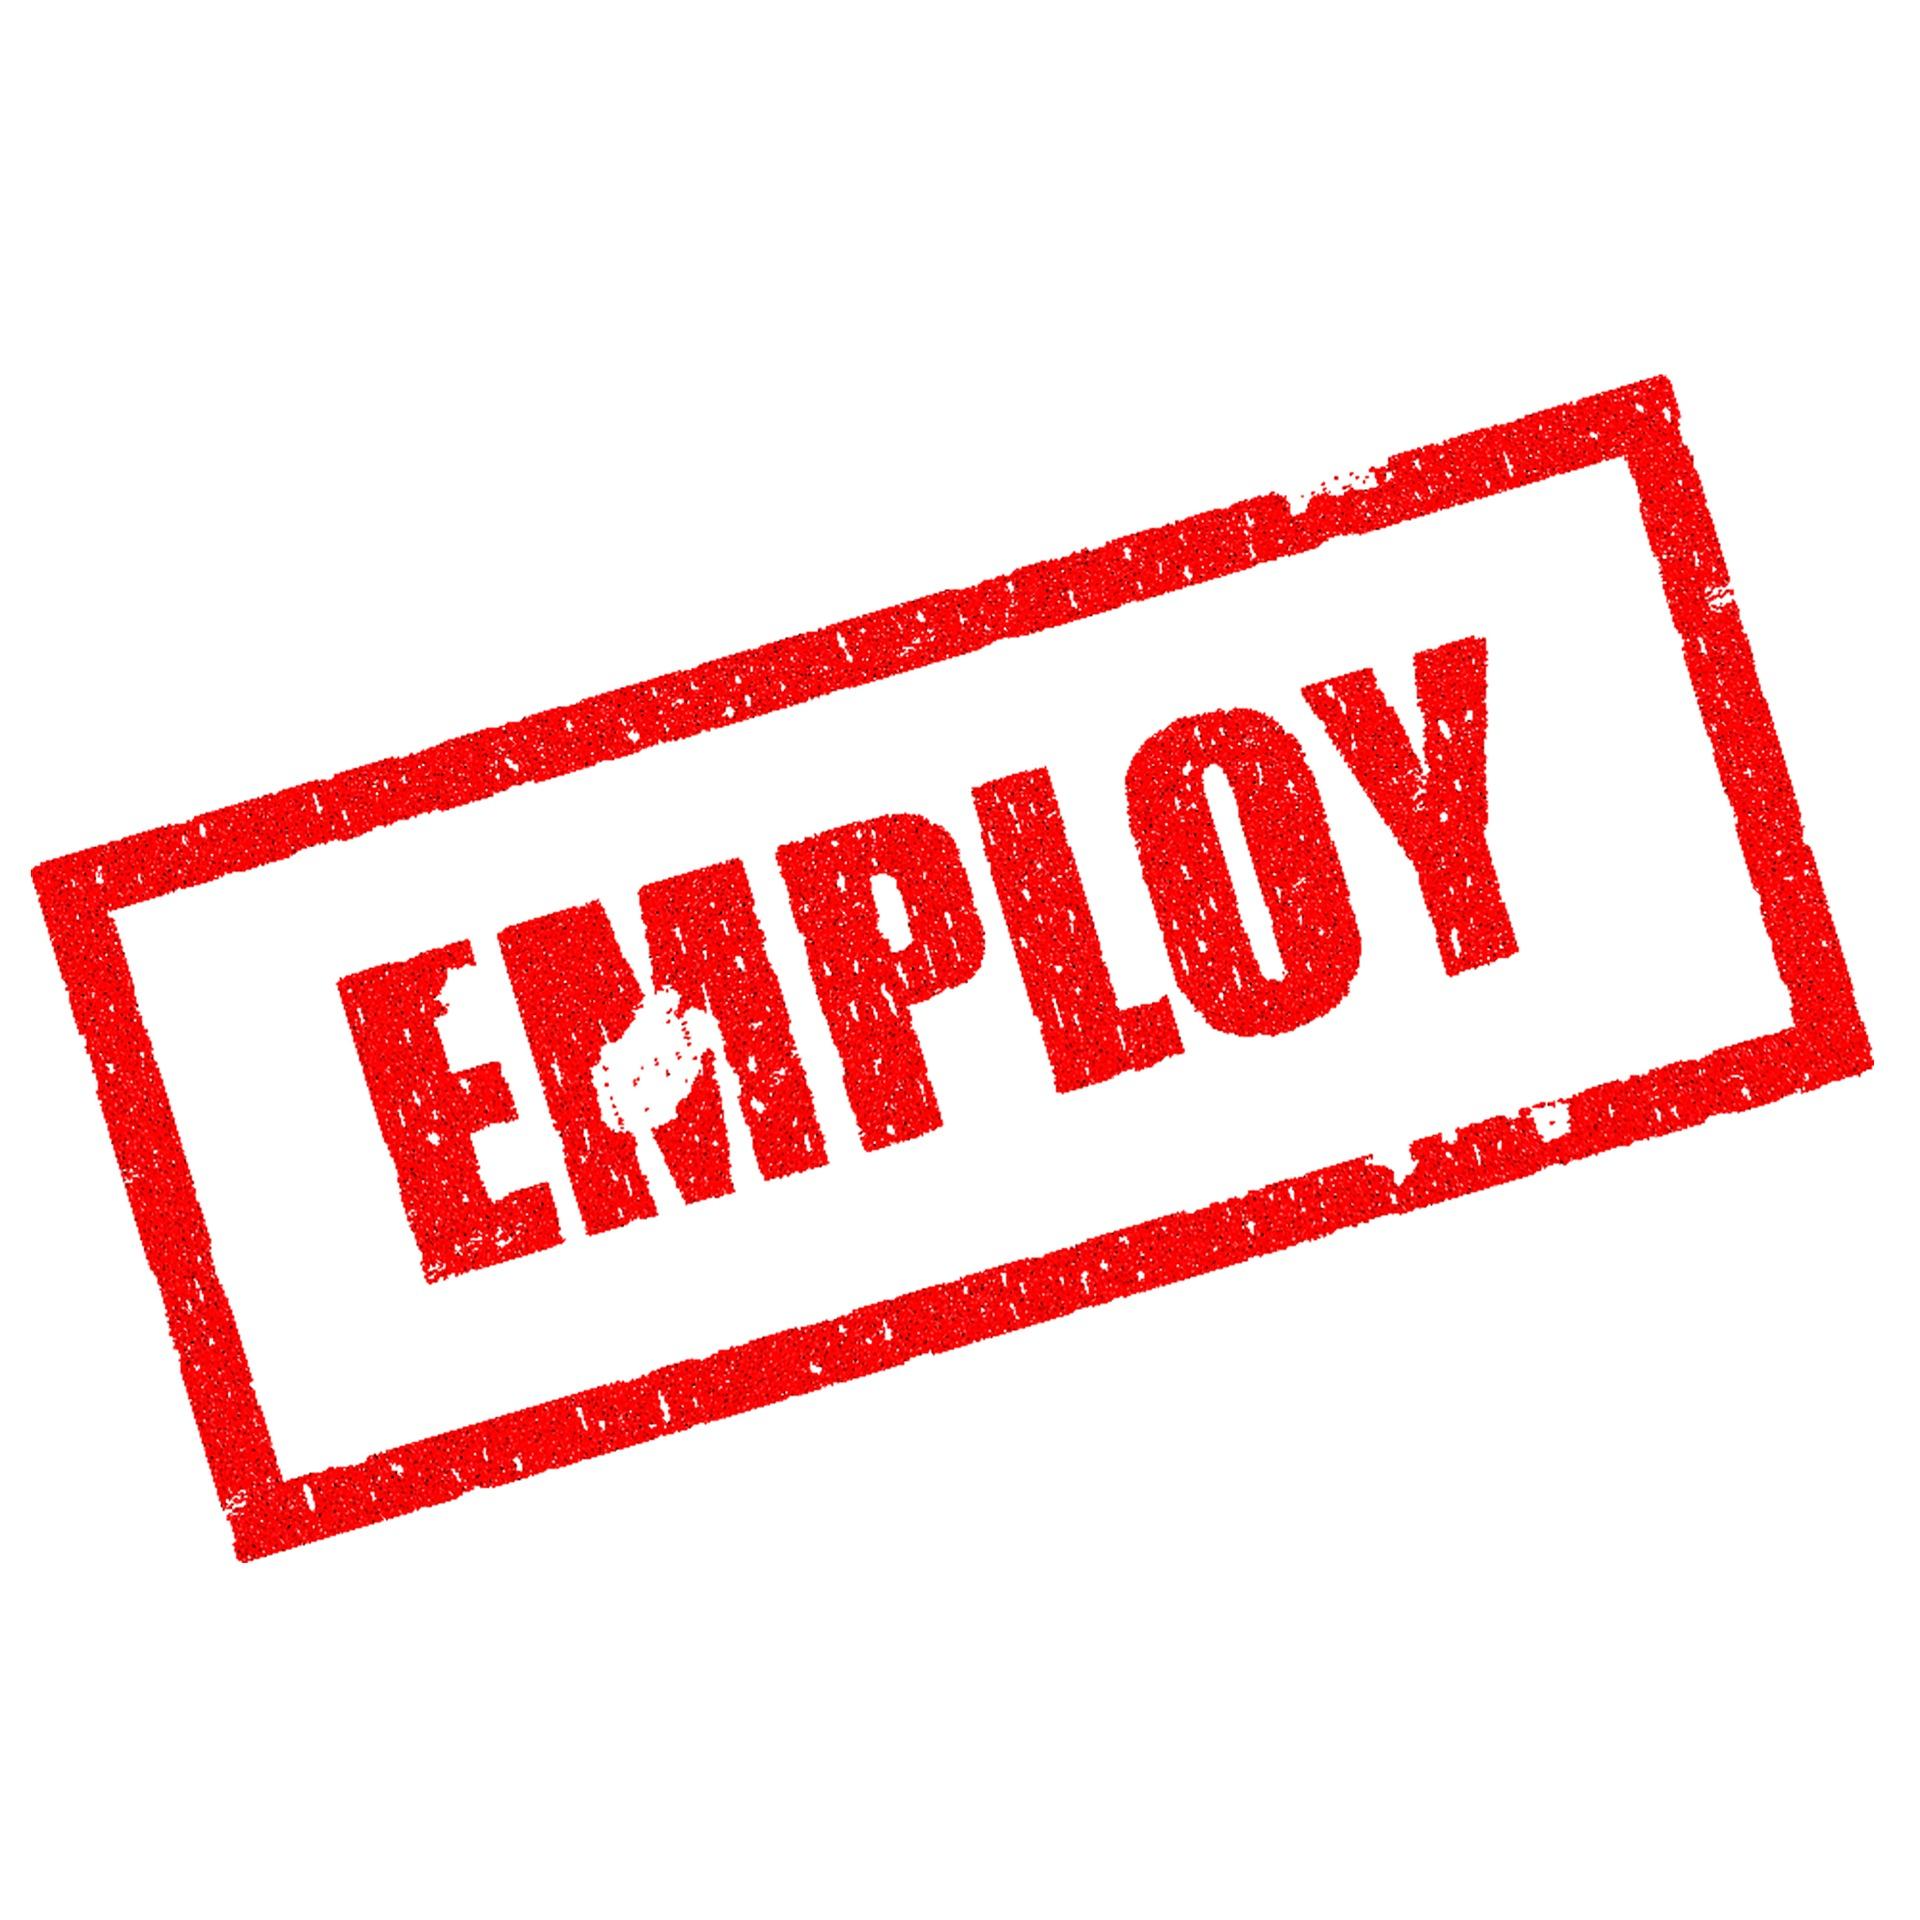 El documento de autorización de empleo (EAD, por sus siglas en inglés) es una forma de demostrar que uno puede trabajar en los Estados Unidos por un período de tiempo específico. ( TheDigitalArtist.    Pixabay   .)